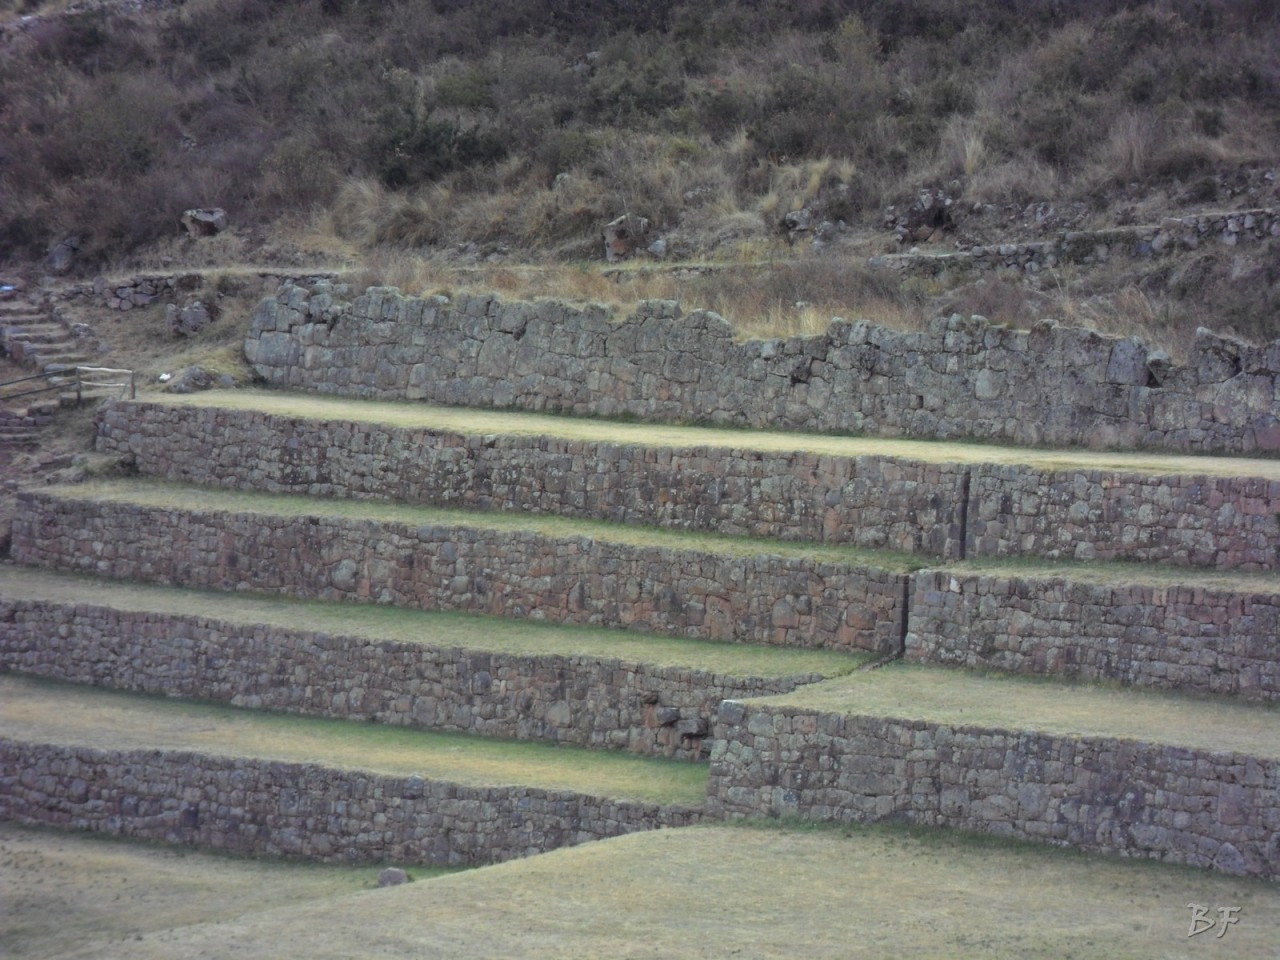 Mura-Poligonali-Megaliti-Tipon-Oropesa-Cusco-Perù-44